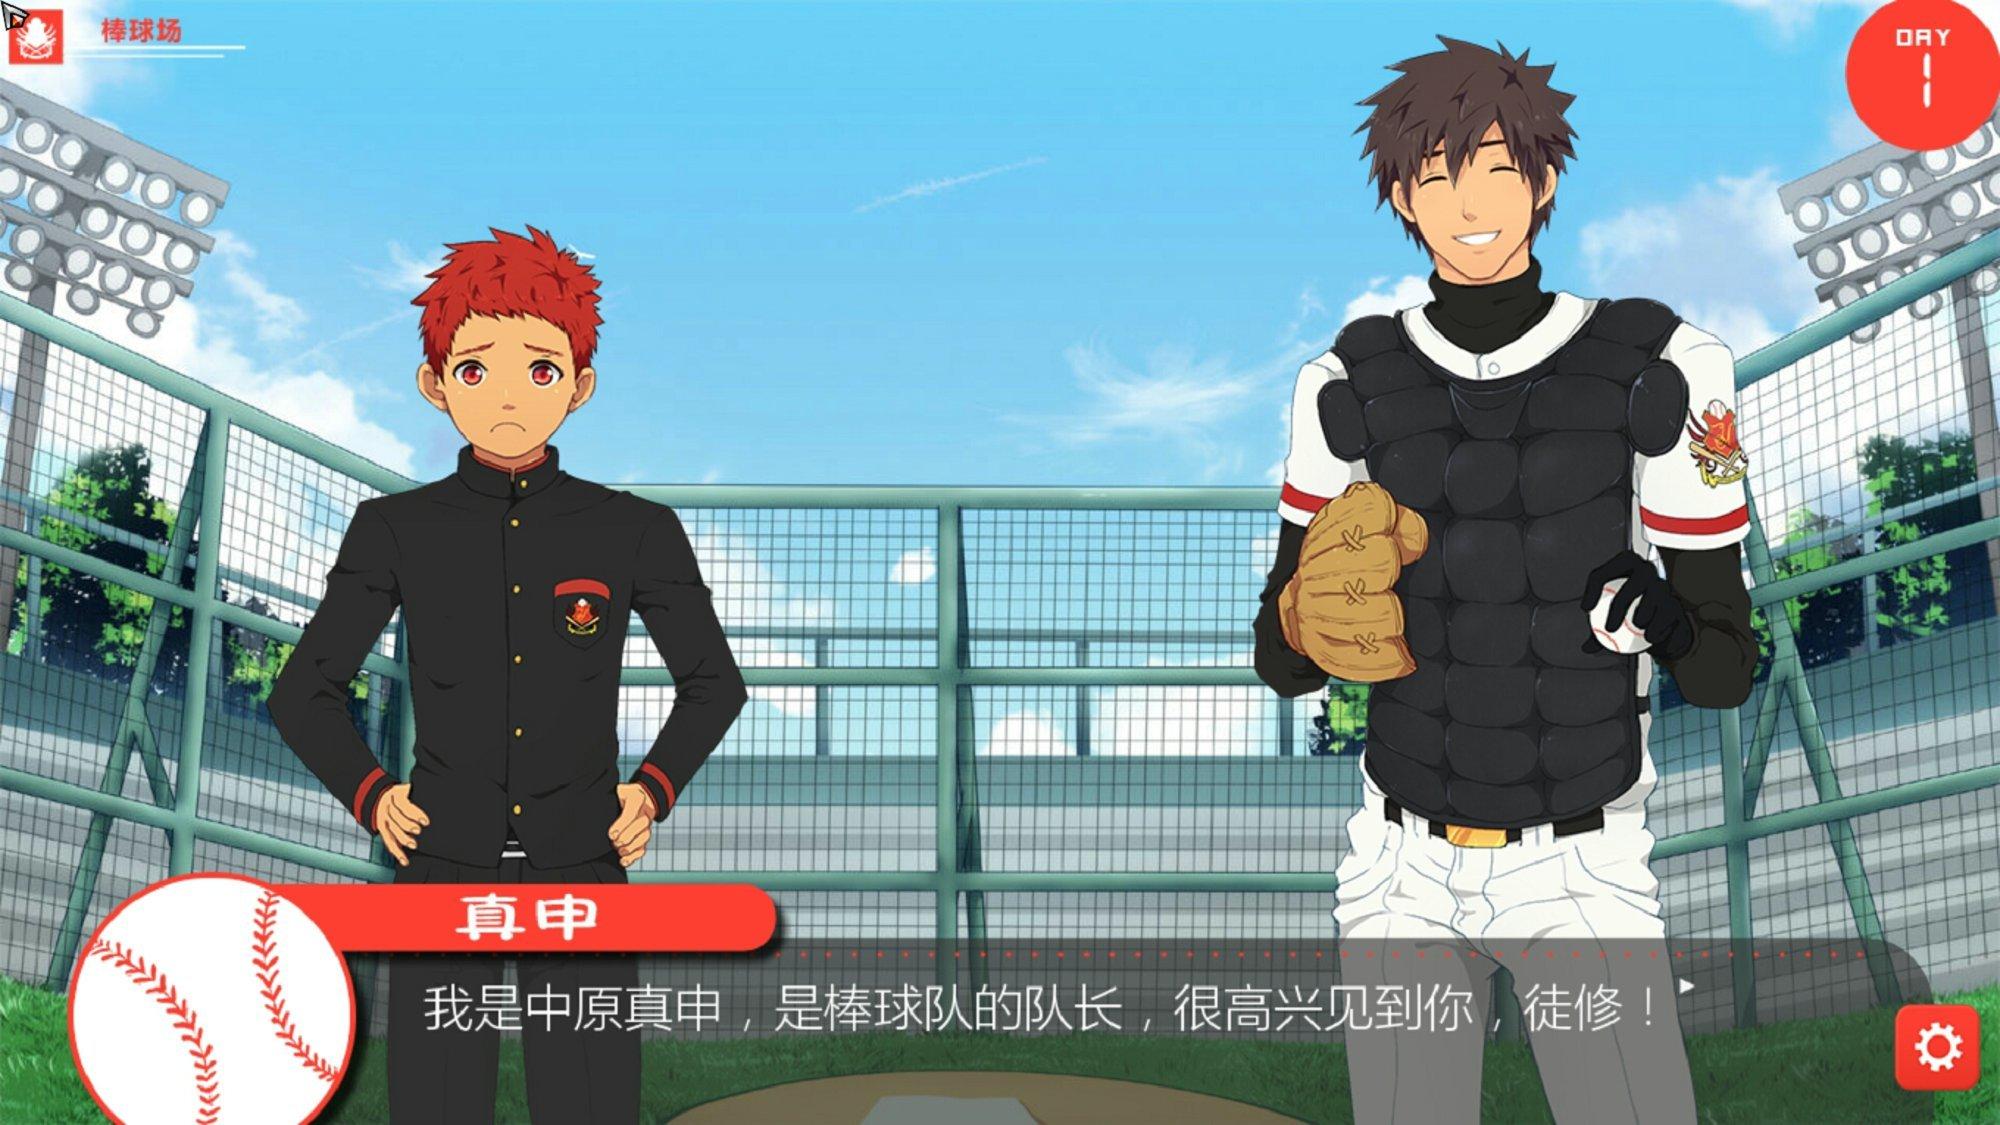 黑猴子棒球2图3